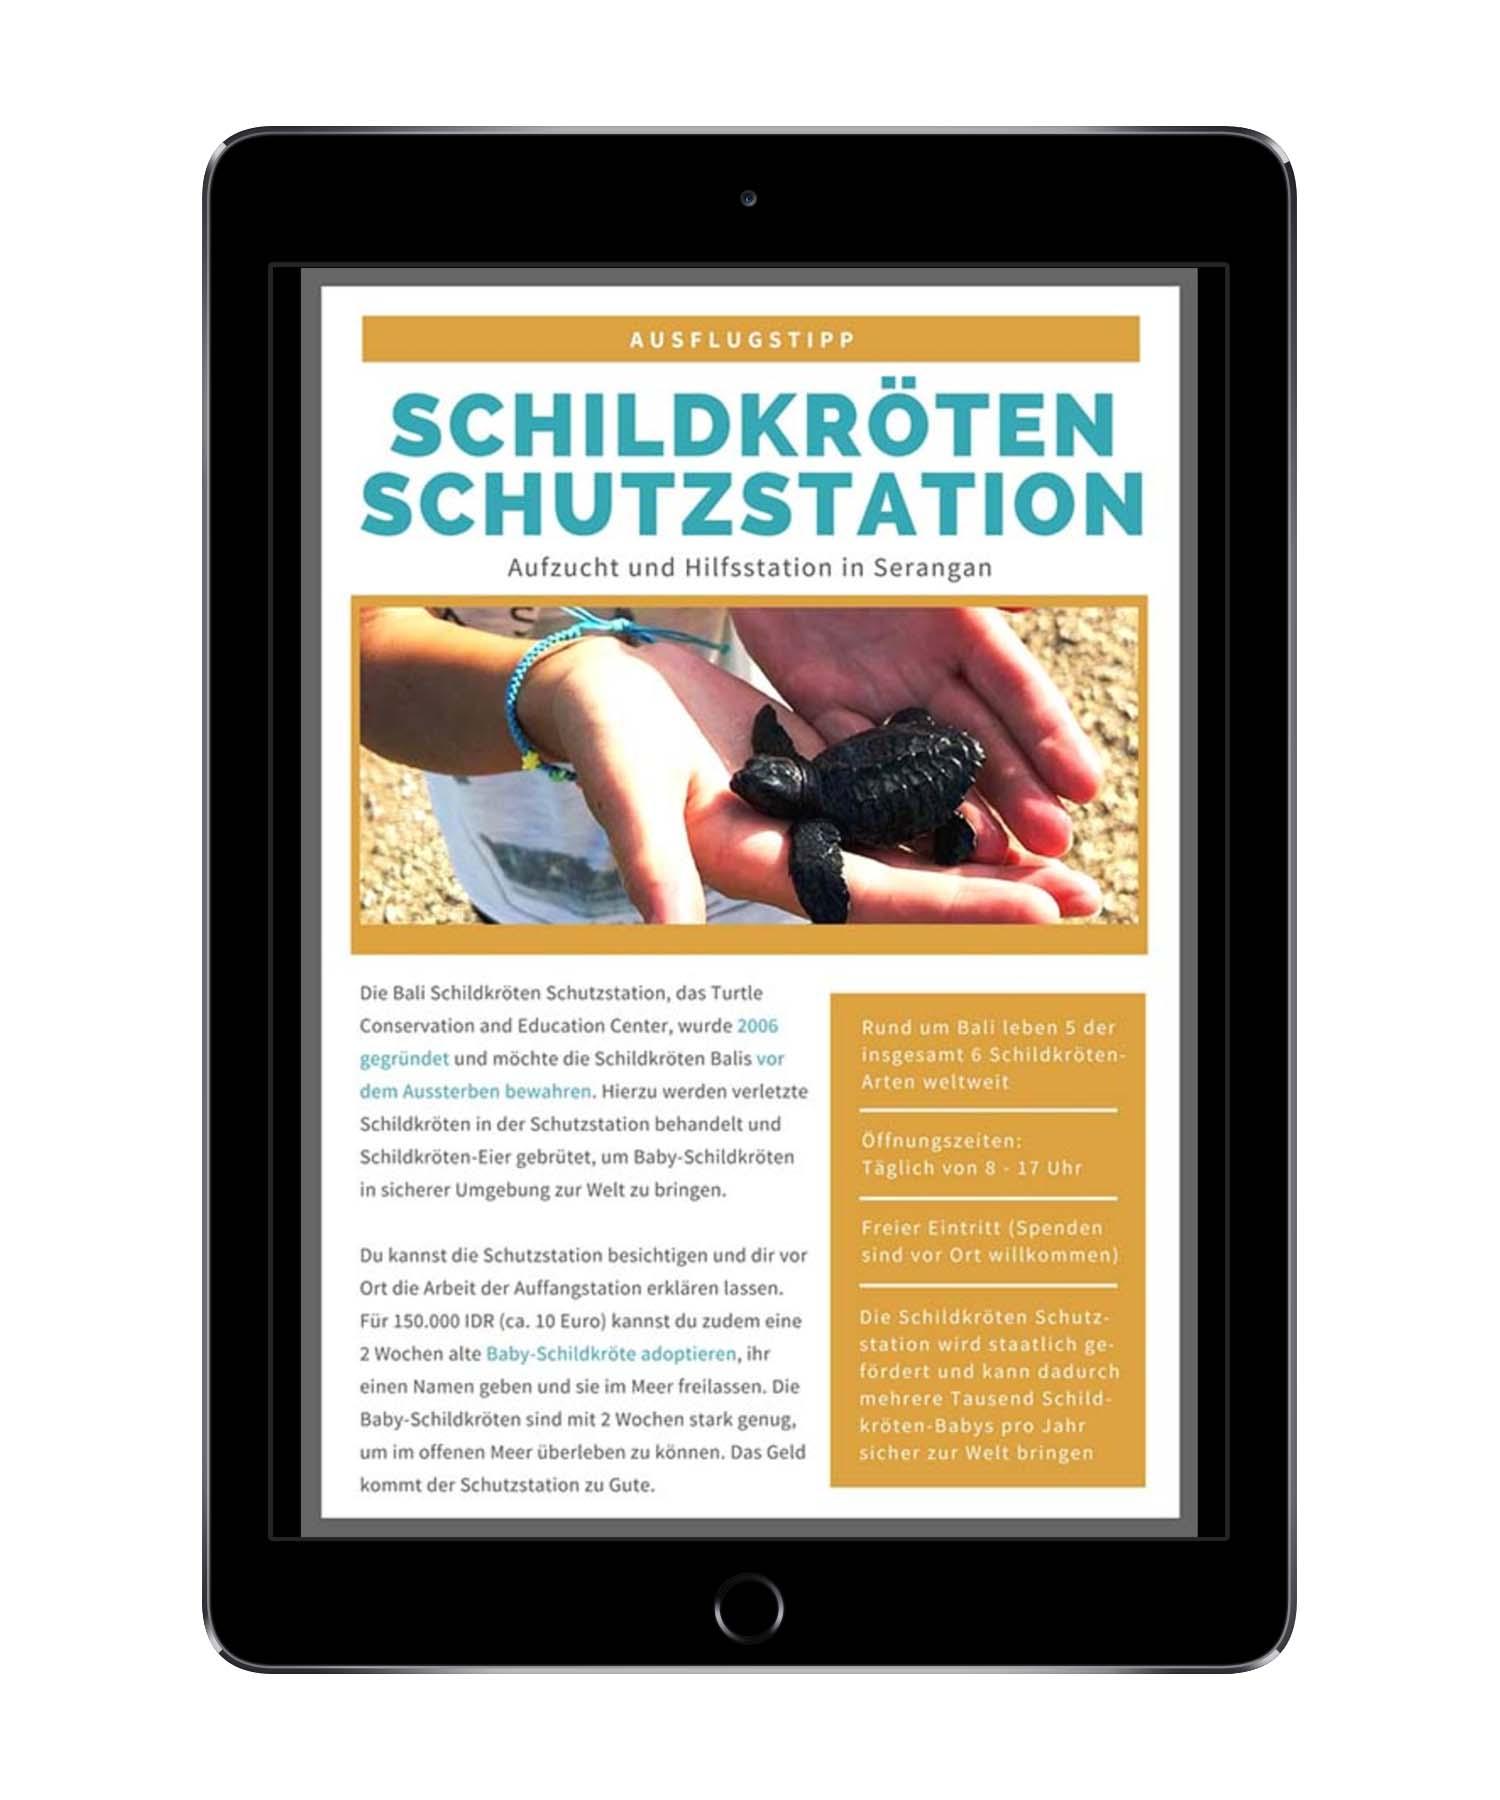 Bali Lombok Rundreise Reiseführer - Schildkröten Schutzstation iPad